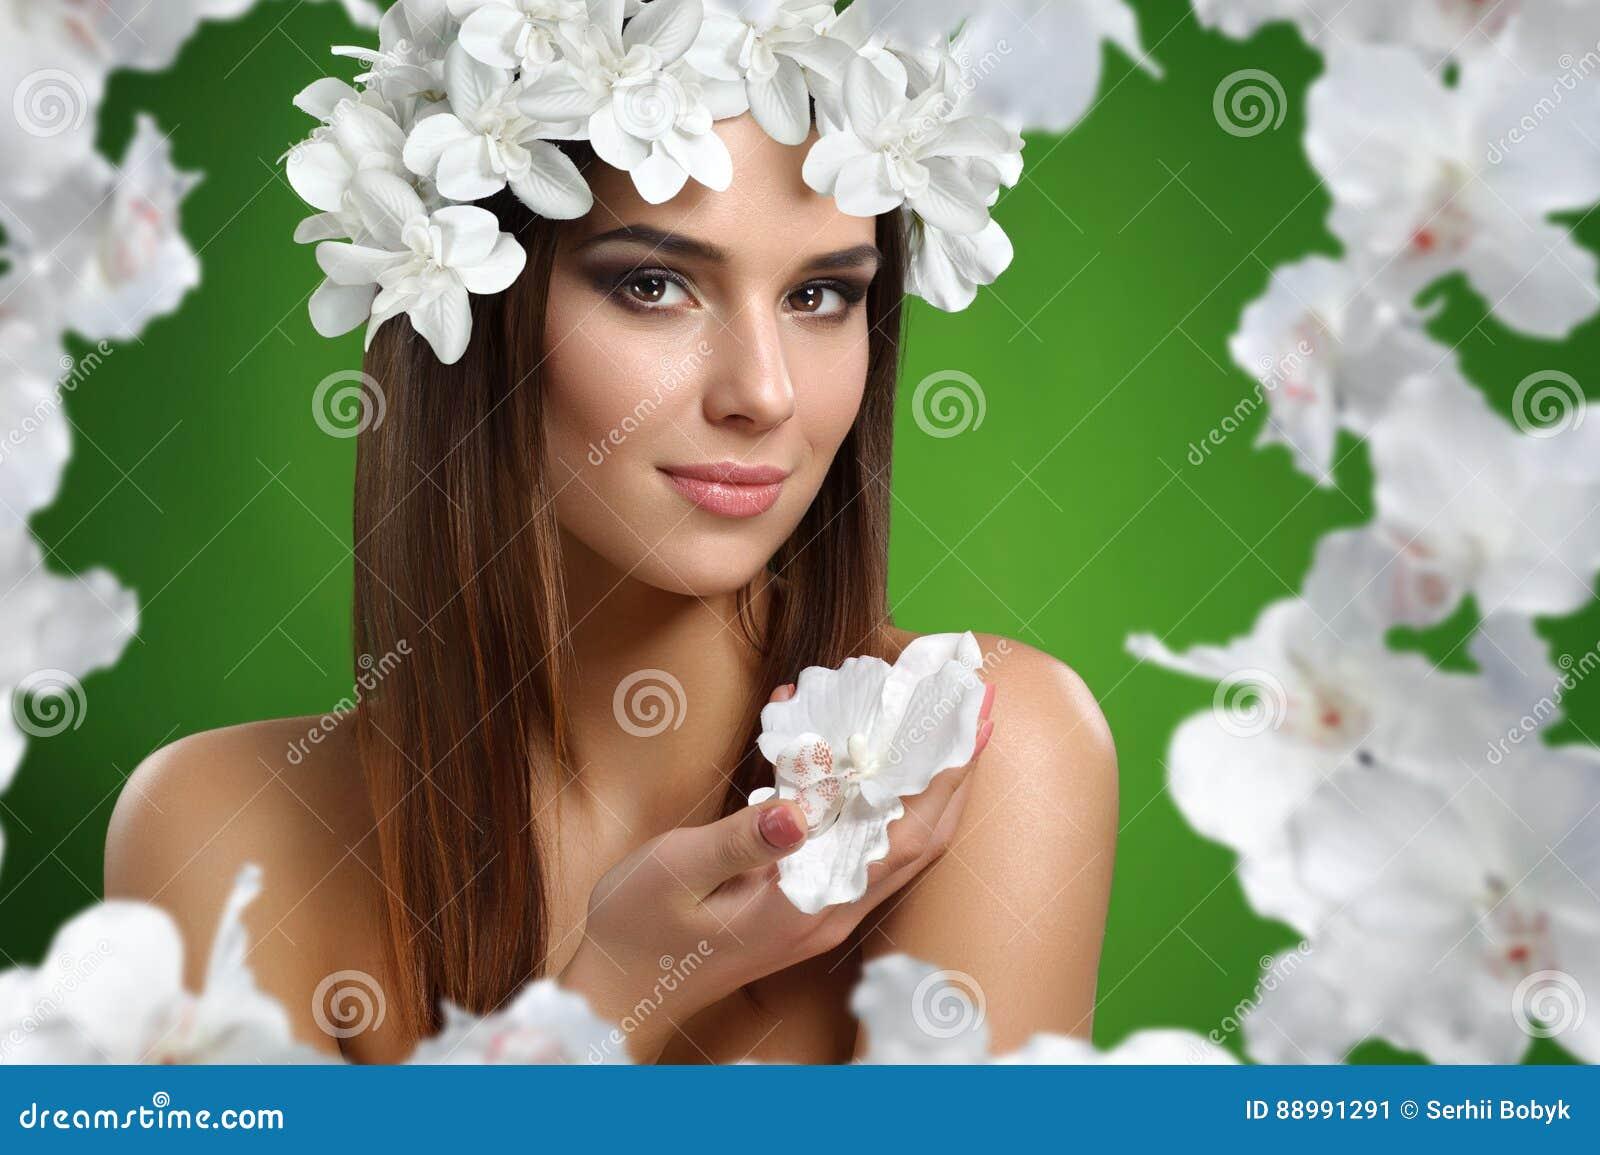 Młoda atrakcyjna kobieta z kwiatami w jej włosy pozuje w studiu